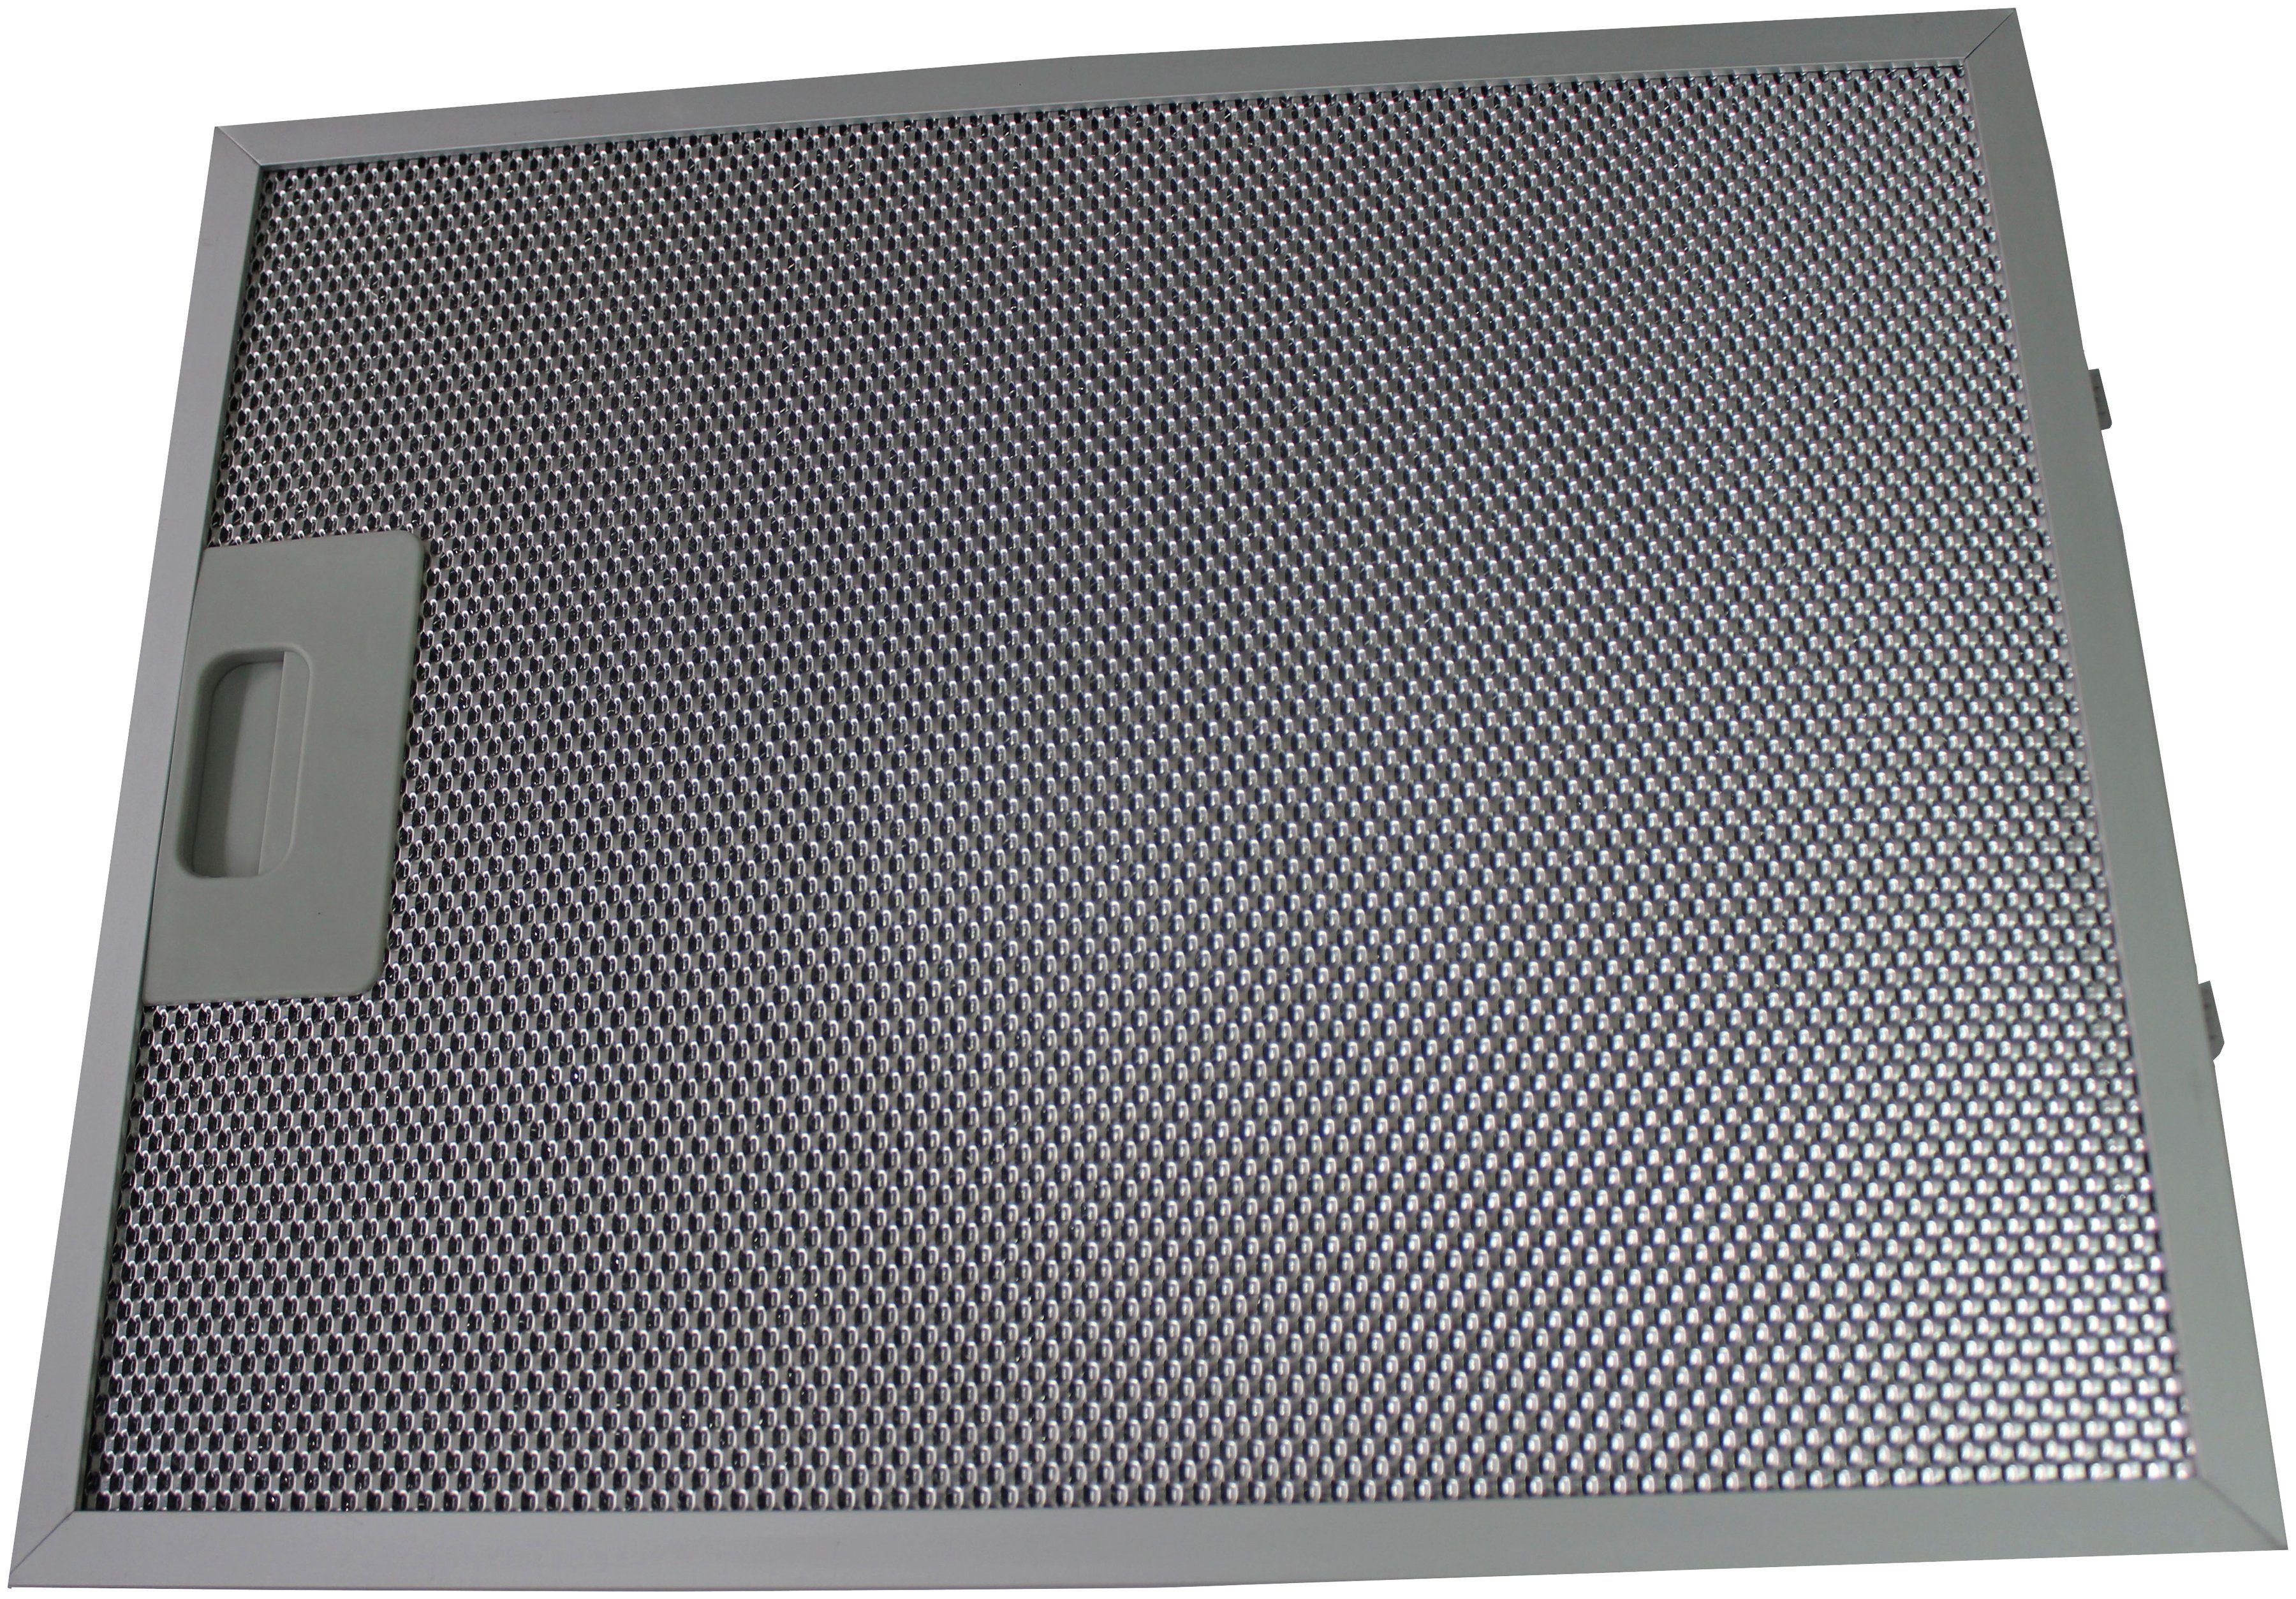 Ersatz-Aluminium-Fettfilter für ausgewählte Hauben, 33,9x27,1 cm, 2er-Set